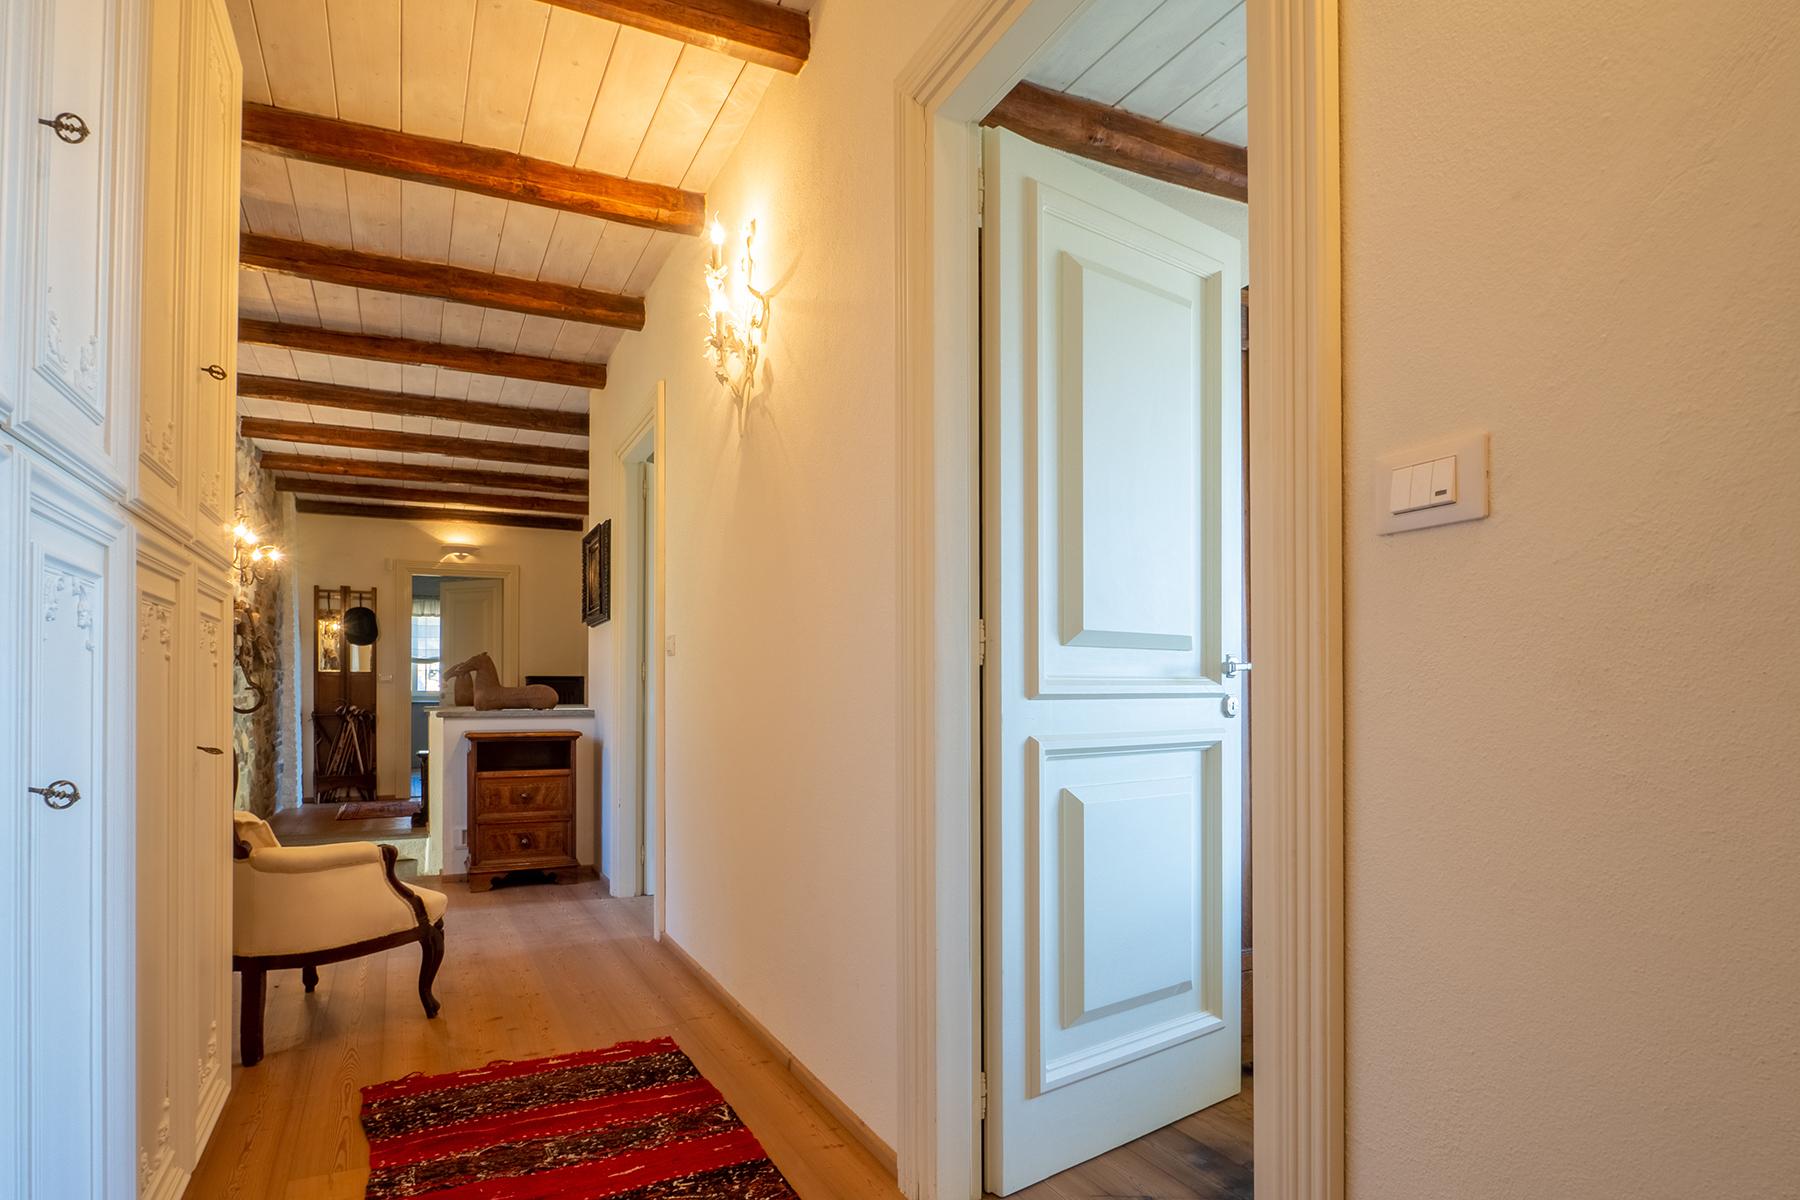 Villa in Vendita a Pettinengo: 5 locali, 412 mq - Foto 13